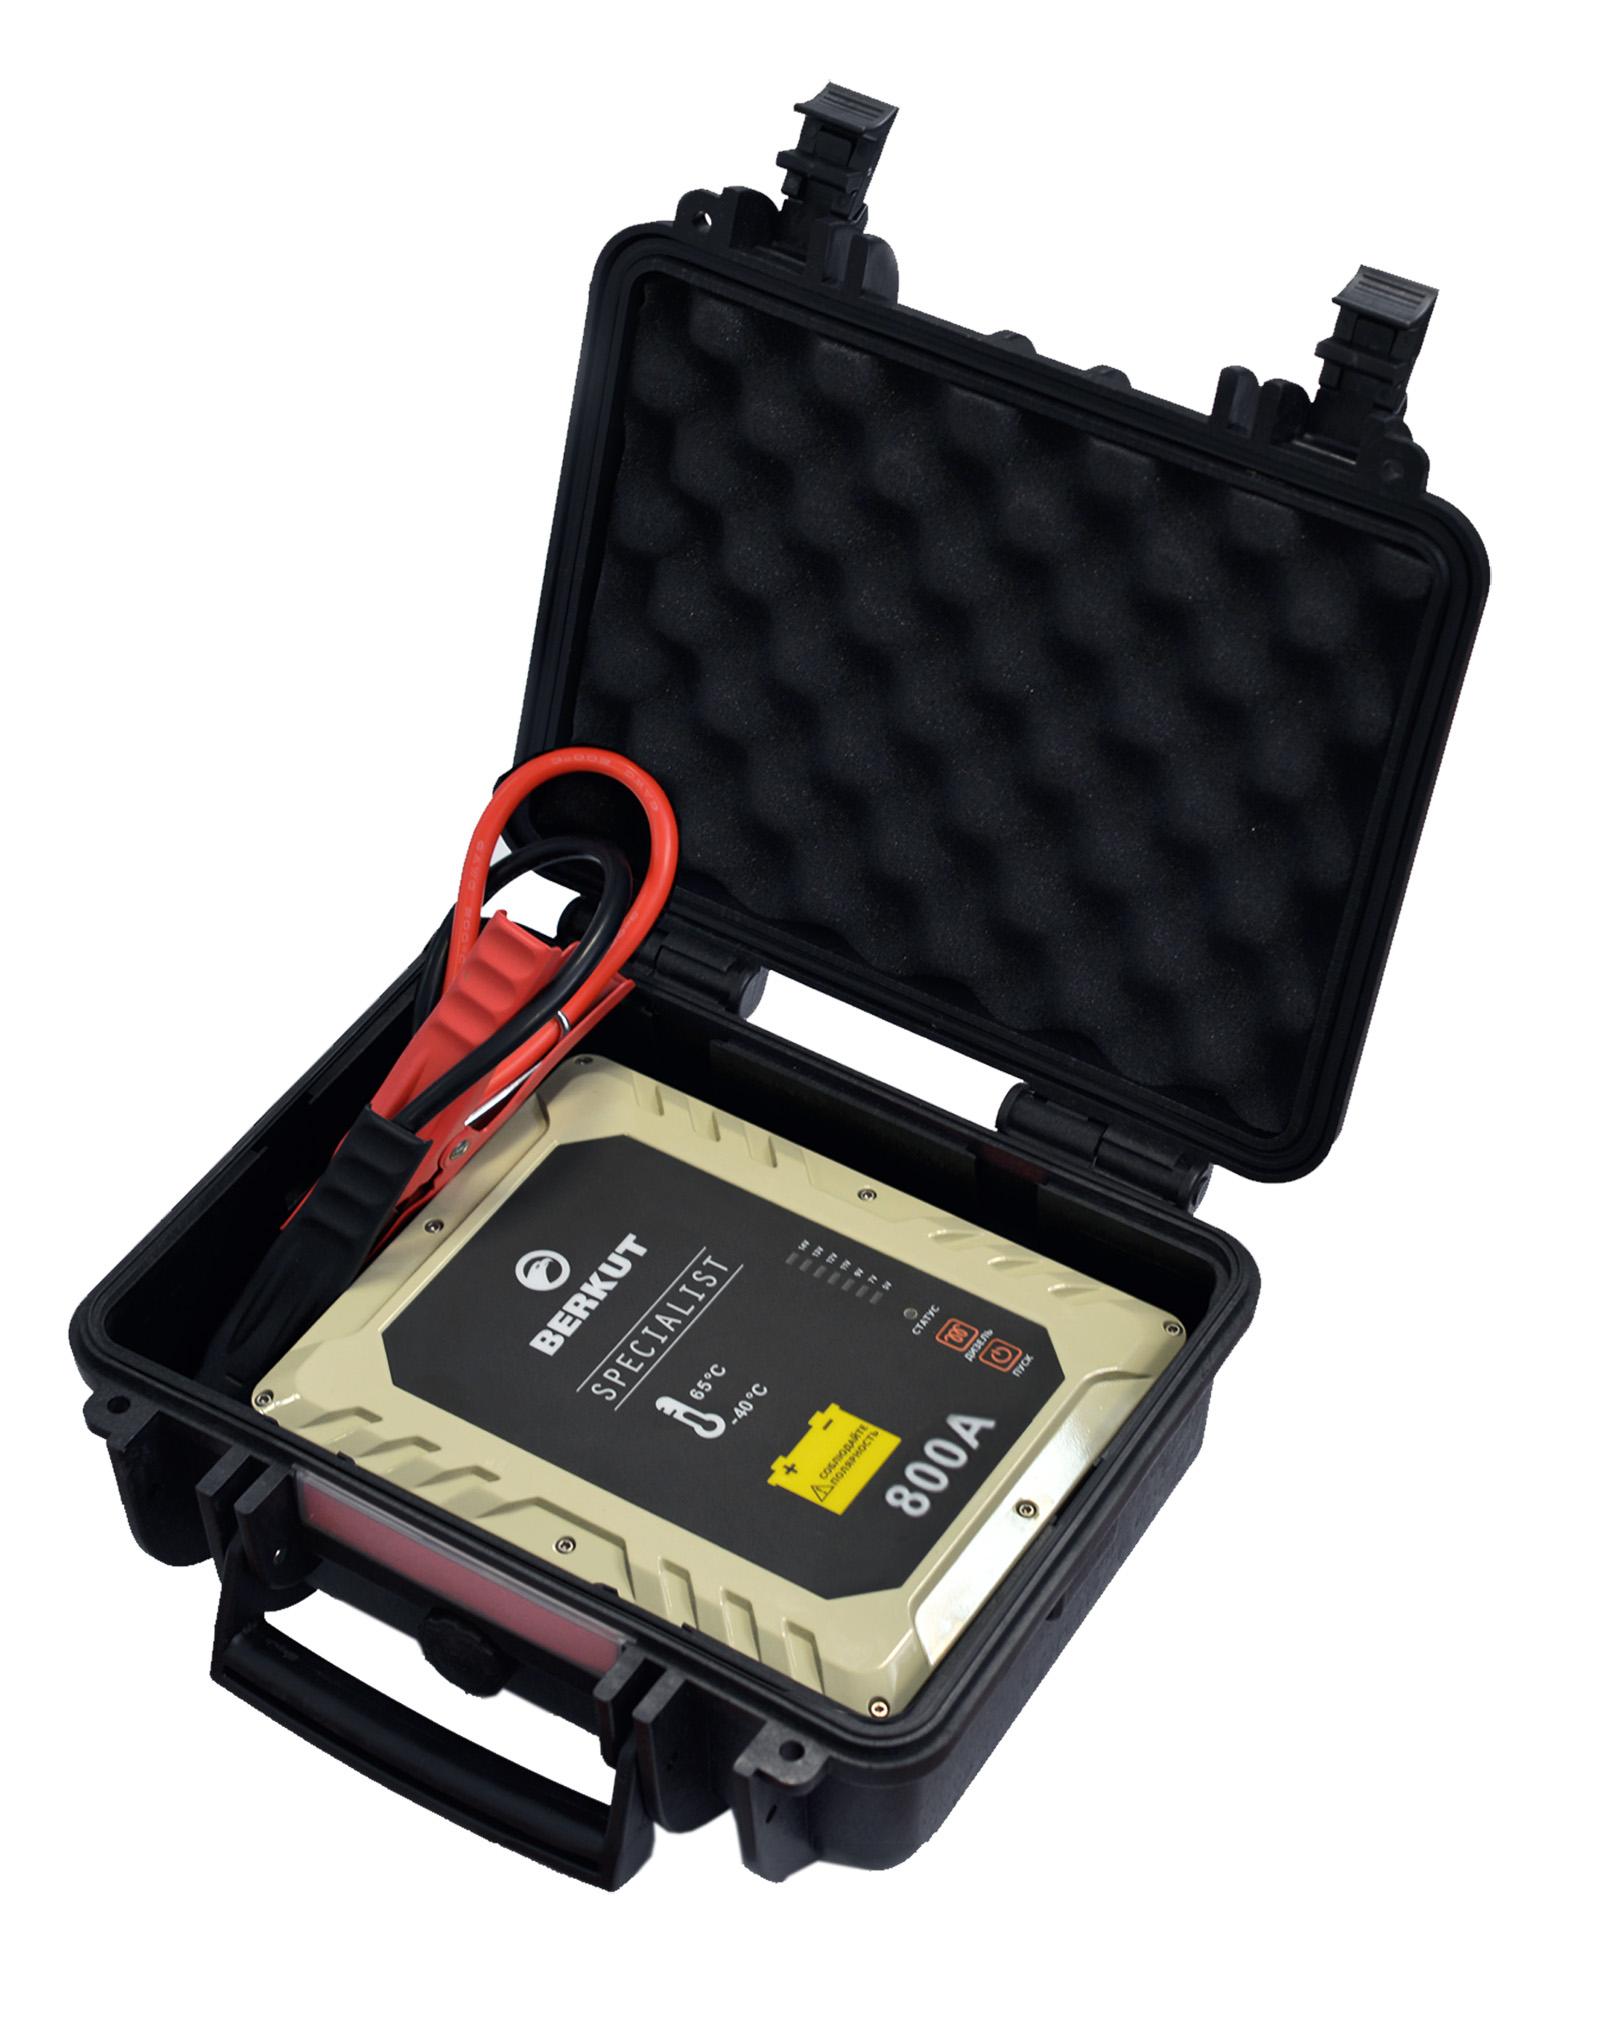 Пуско-зарядное устройство Berkut. JSC800СJSC-800CЭто специальное пусковое автомобильное устройство конденсаторного типа предназначено для аварийного запуска двигателя транспортного средства в случае неисправной АКБ. Главным достоинством устройства, отличающим его от прочих аналогов, является отсутствие аккумуляторов. Вместо них применены электроконденсаторы сверхбольшой емкости (ионисторы). Применение конденсаторного накопителя заряда позволяет гарантированно запустить двигатель автомобиля как с основательно разряженной АКБ, причем даже в том случае, когда ее остаточная емкость составляет всего 5%, так и без аккумулятора с предварительной зарядкой от АКБ или розетки прикуривателя другого автомобиля, а также от зарядного устройства с разъемом микро USB. Пусковое устройство рекомендовано для любых типов транспортных средств с бензиновым двигателем до 6000 см.куб. и дизельным двигателем до 4000 см.куб и напряжением бортовой сети 12В. Технические характеристики:- Напряжение на клеммах: 12 В- Пусковой ток: 800 A- Тип конденсаторов: пусковые, импульсные- Время зарядки от АКБ: до 5 мин- Время зарядки от прикуривателя 12V: 15-20 мин- Время зарядки от Мини USB 5V: 2-3 часа- Количество попыток запуска при полной зарядке: не более одного пуска- Диапазон температур для запуска и хранения: -40 °C +65 °C- Вход Micro USB: 5В (2000 мА)- Вход для зарядки: 12В (10 А) Функциональные особенности:- Не требует подзарядки во время хранения- Готов к использованию вне зависимости от продолжительности хранения- Режим для запуска двигателя автомобиля без аккумулятора- Специальный режим запуска дизеля с предварительным прогревом свечей- Встроенный вольтметр для определения напряжение аккумулятора автомобиля- Отсутствие падение емкости заряда с понижением температур- Нет снижения емкости заряда связанные со старением устройства- Защита от переполюсовки (неправильной полярности)- Защита от короткого замыкания- Цикл заряд/разряд до 10 000 раз- Срок годности - более 10 лет